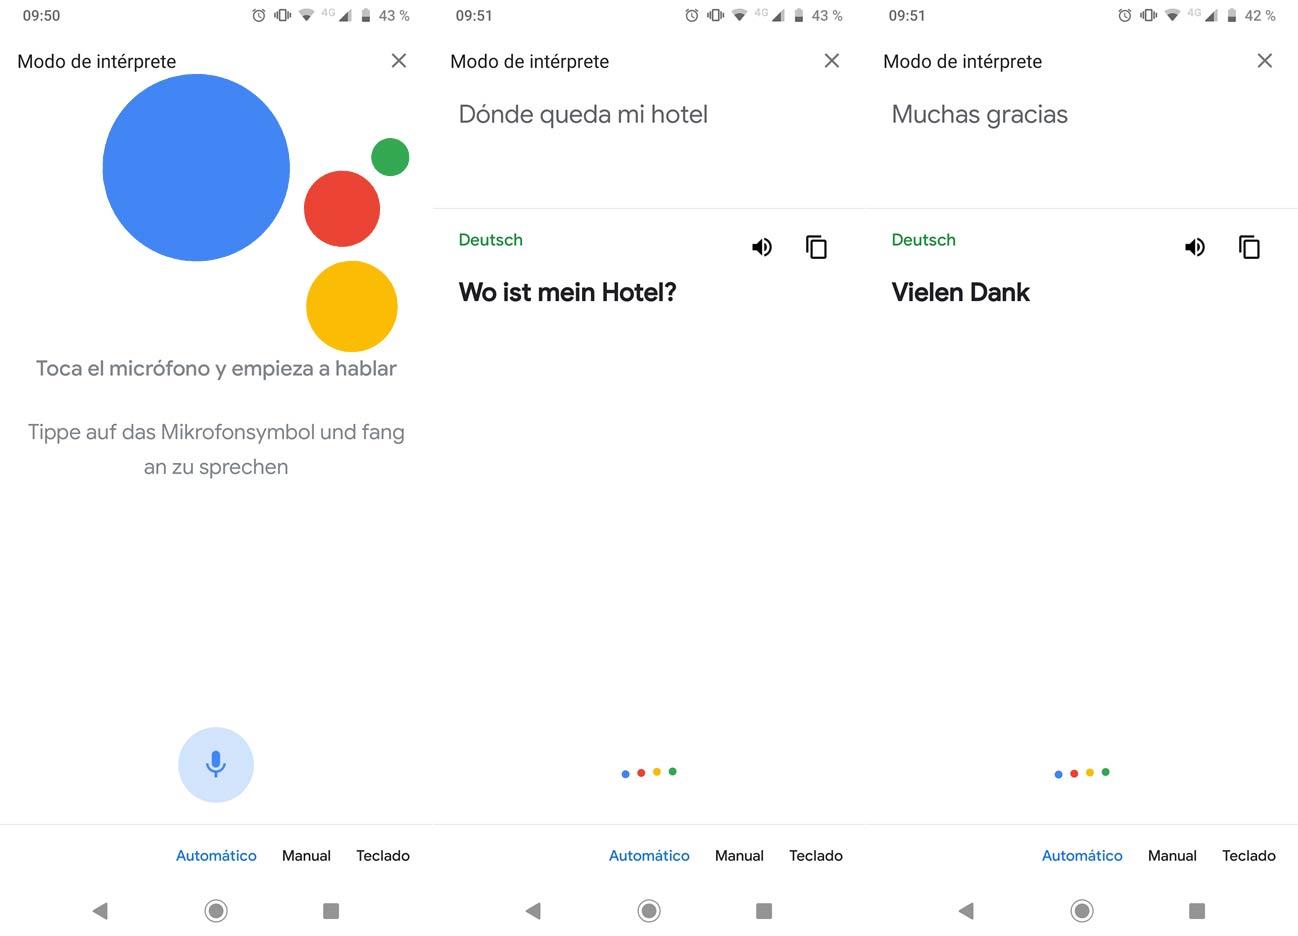 Traductor idiomas Asistente de Google